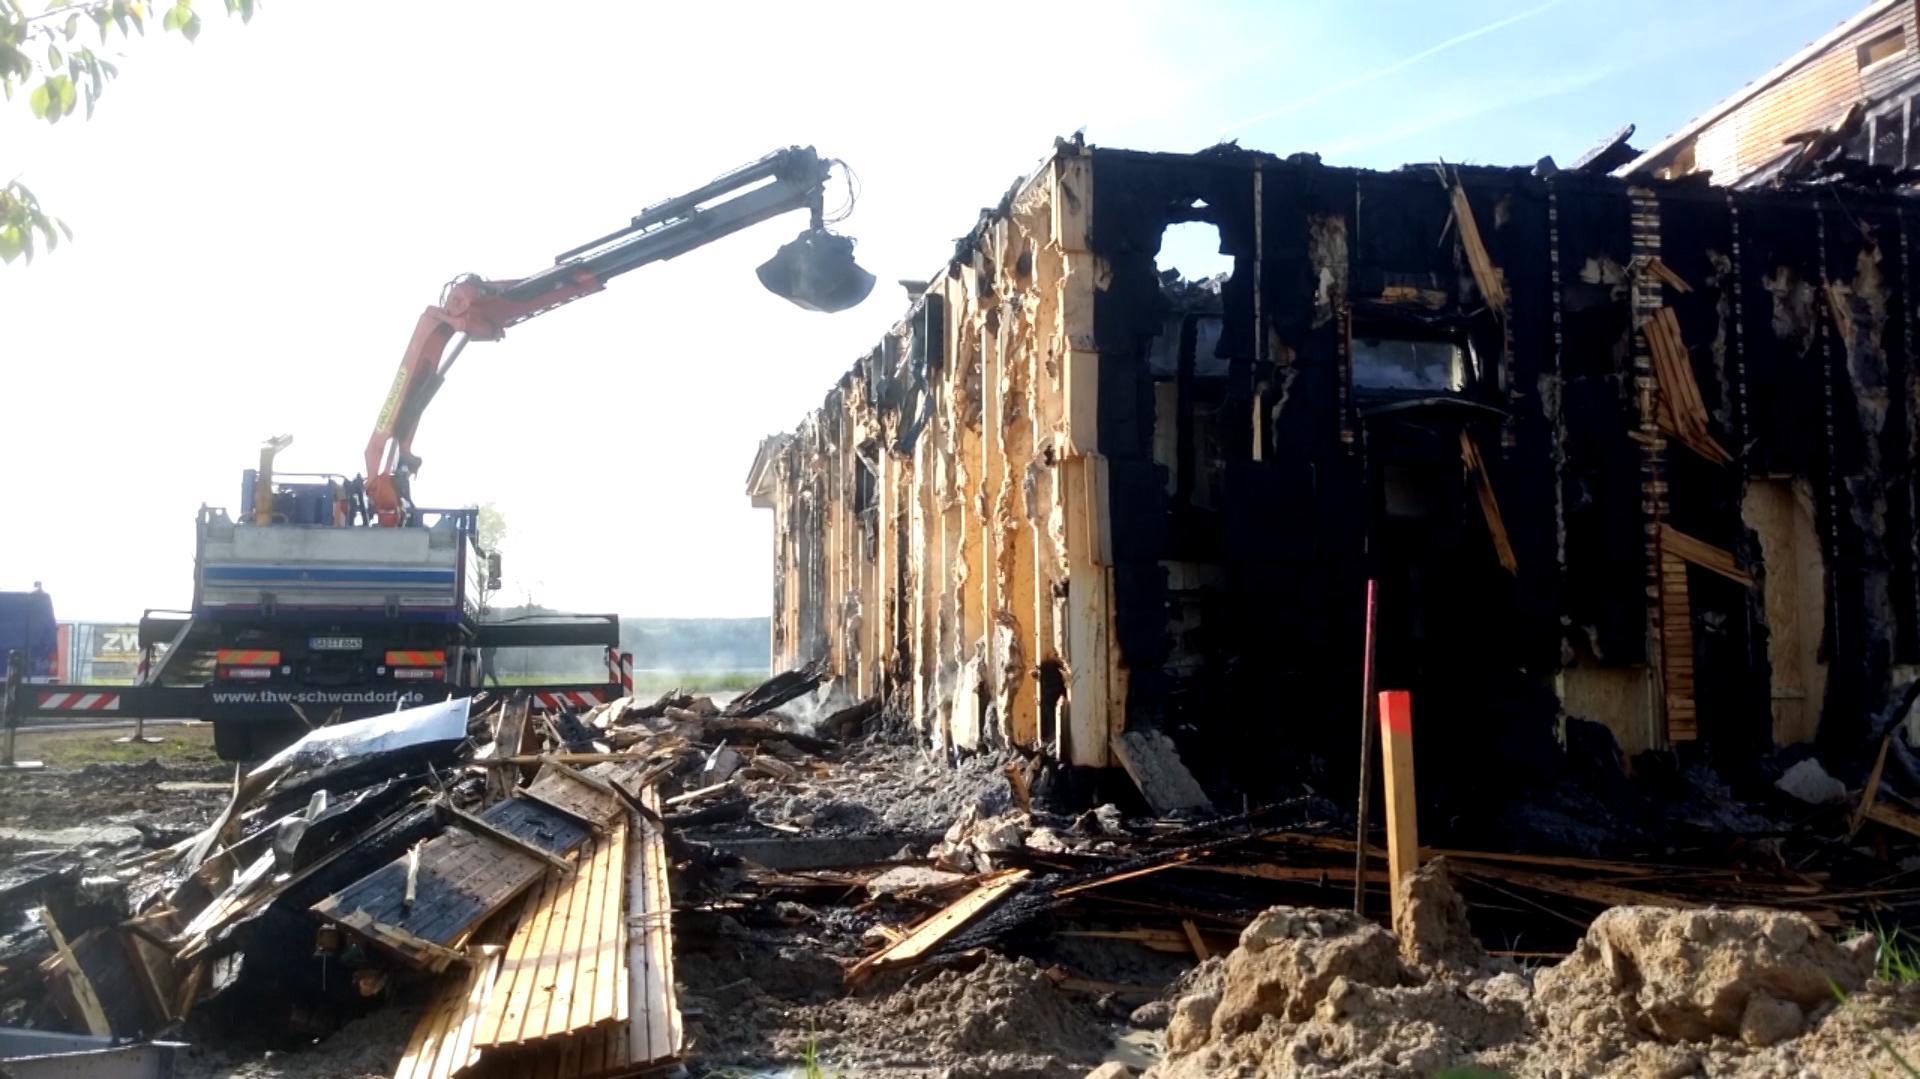 Brandschaden am Restaurantgebäude der Erlebnisholzkugel